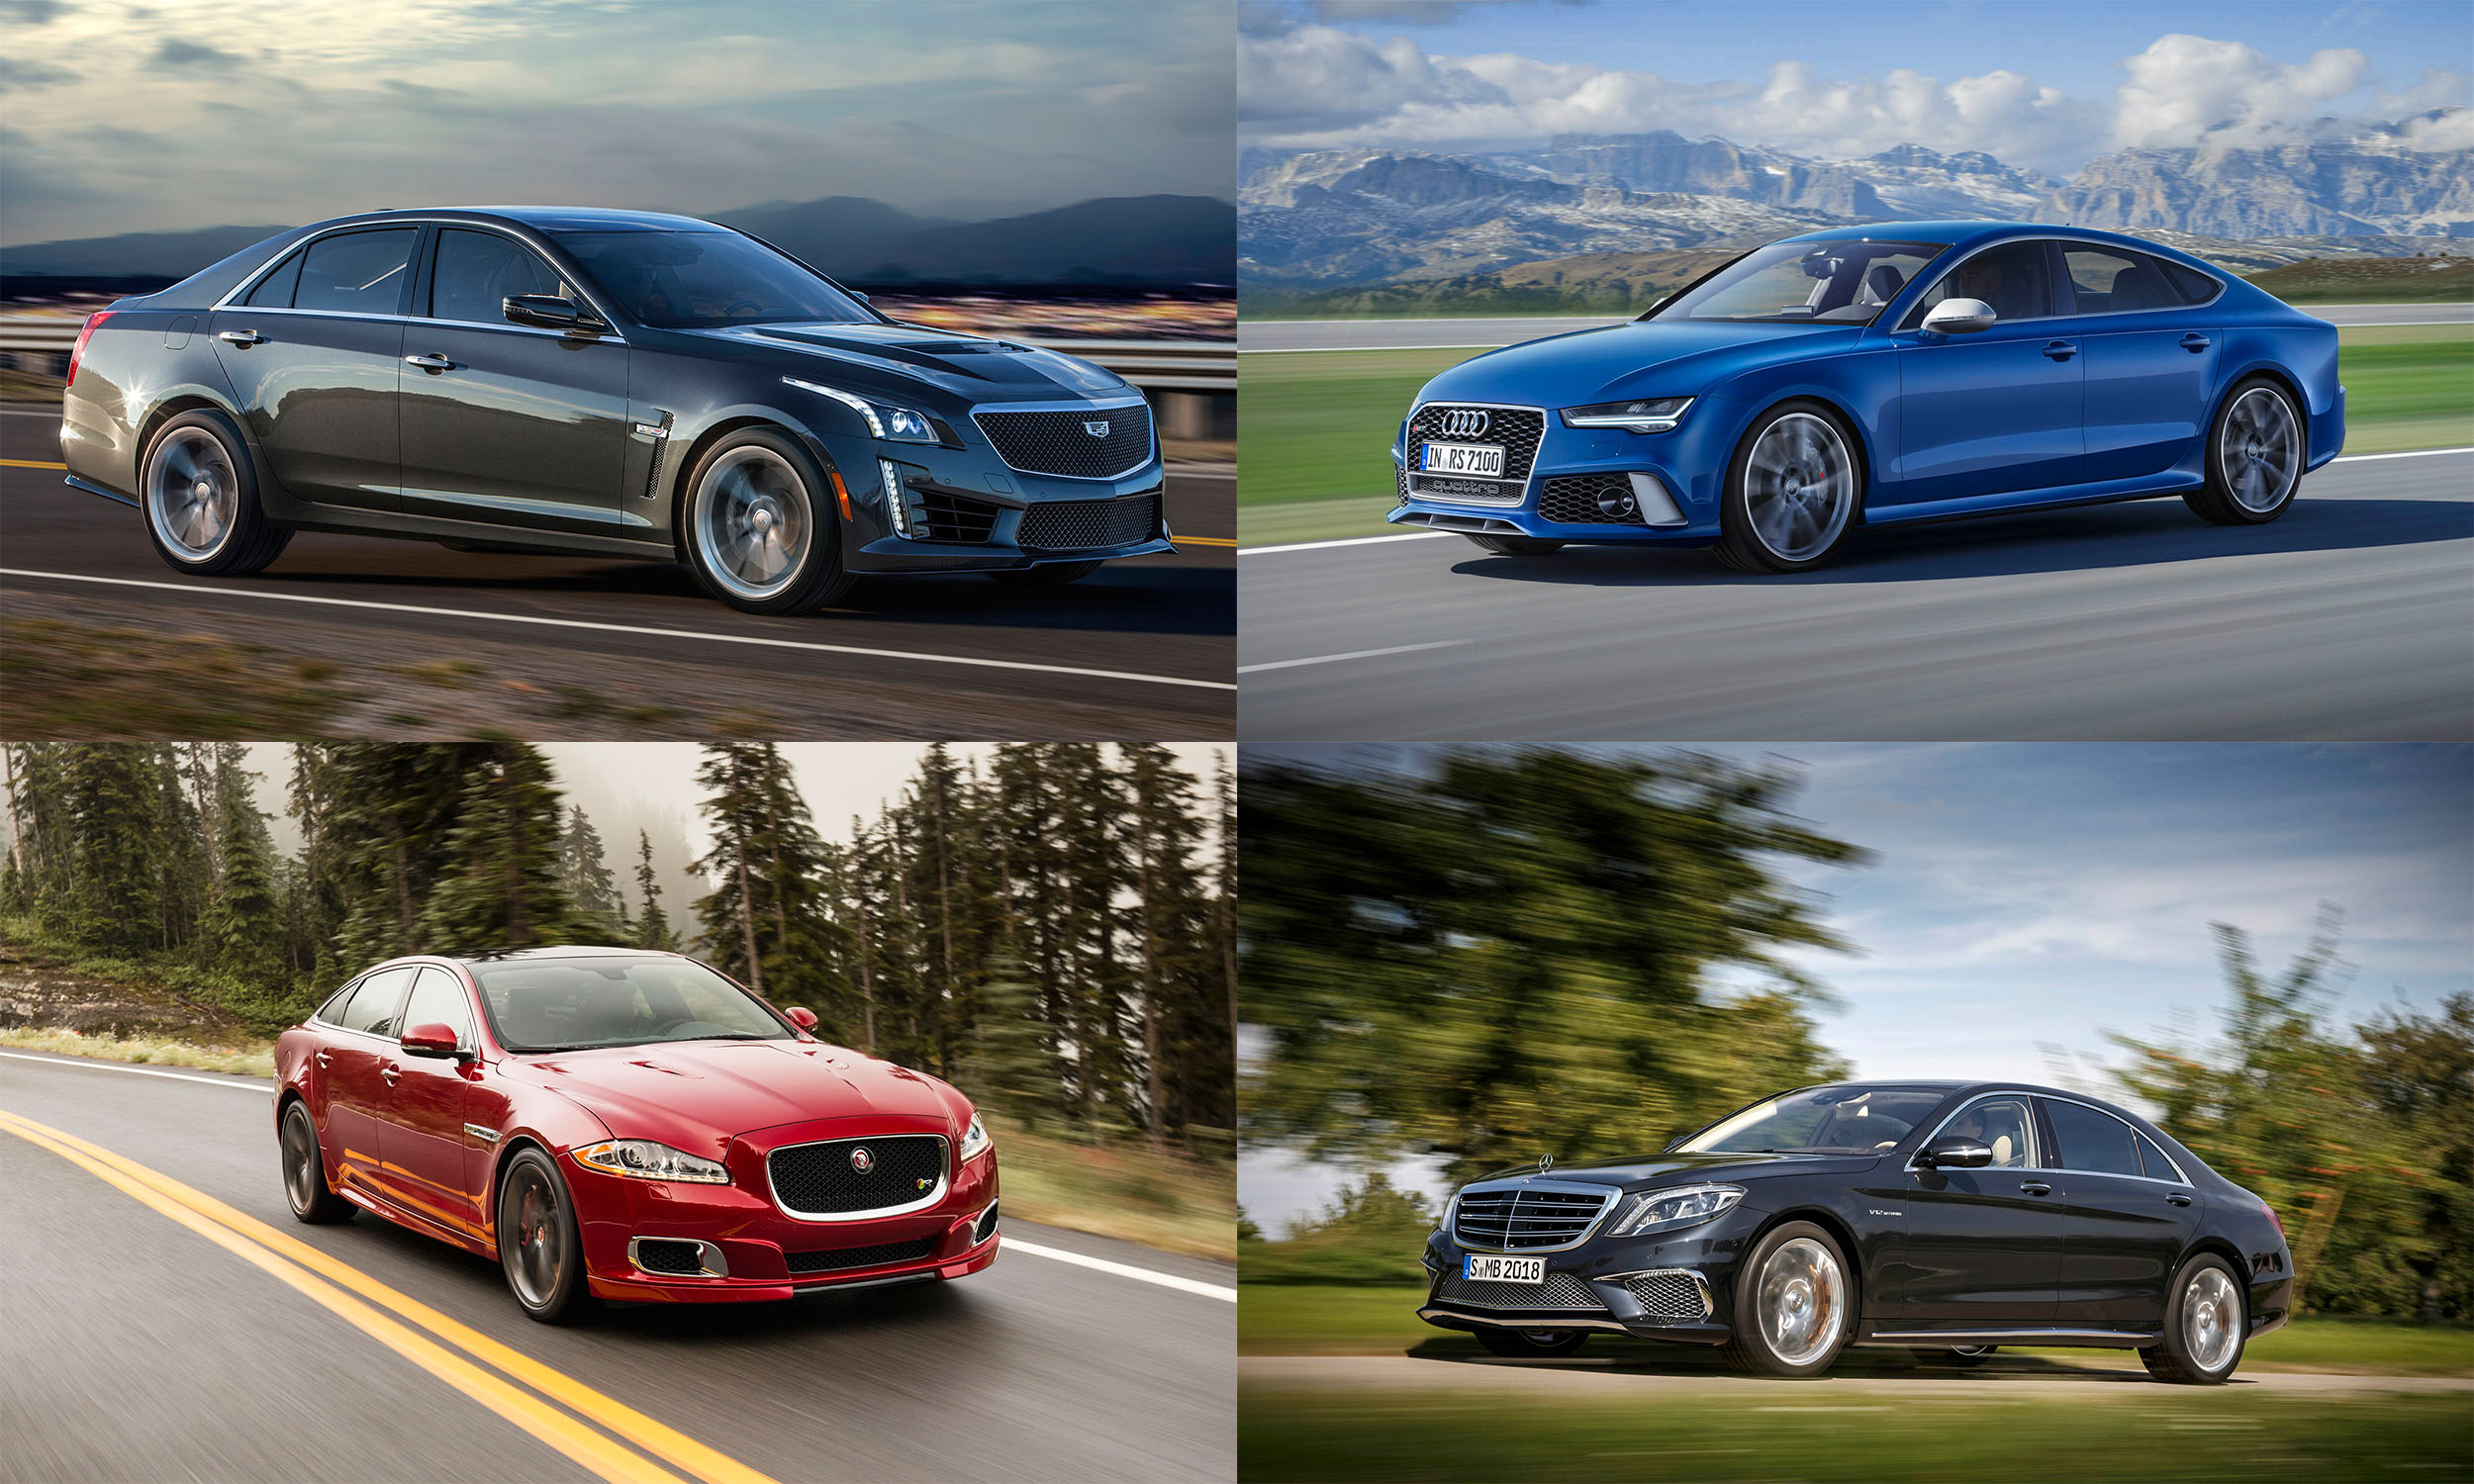 Luxury Performance Sedans